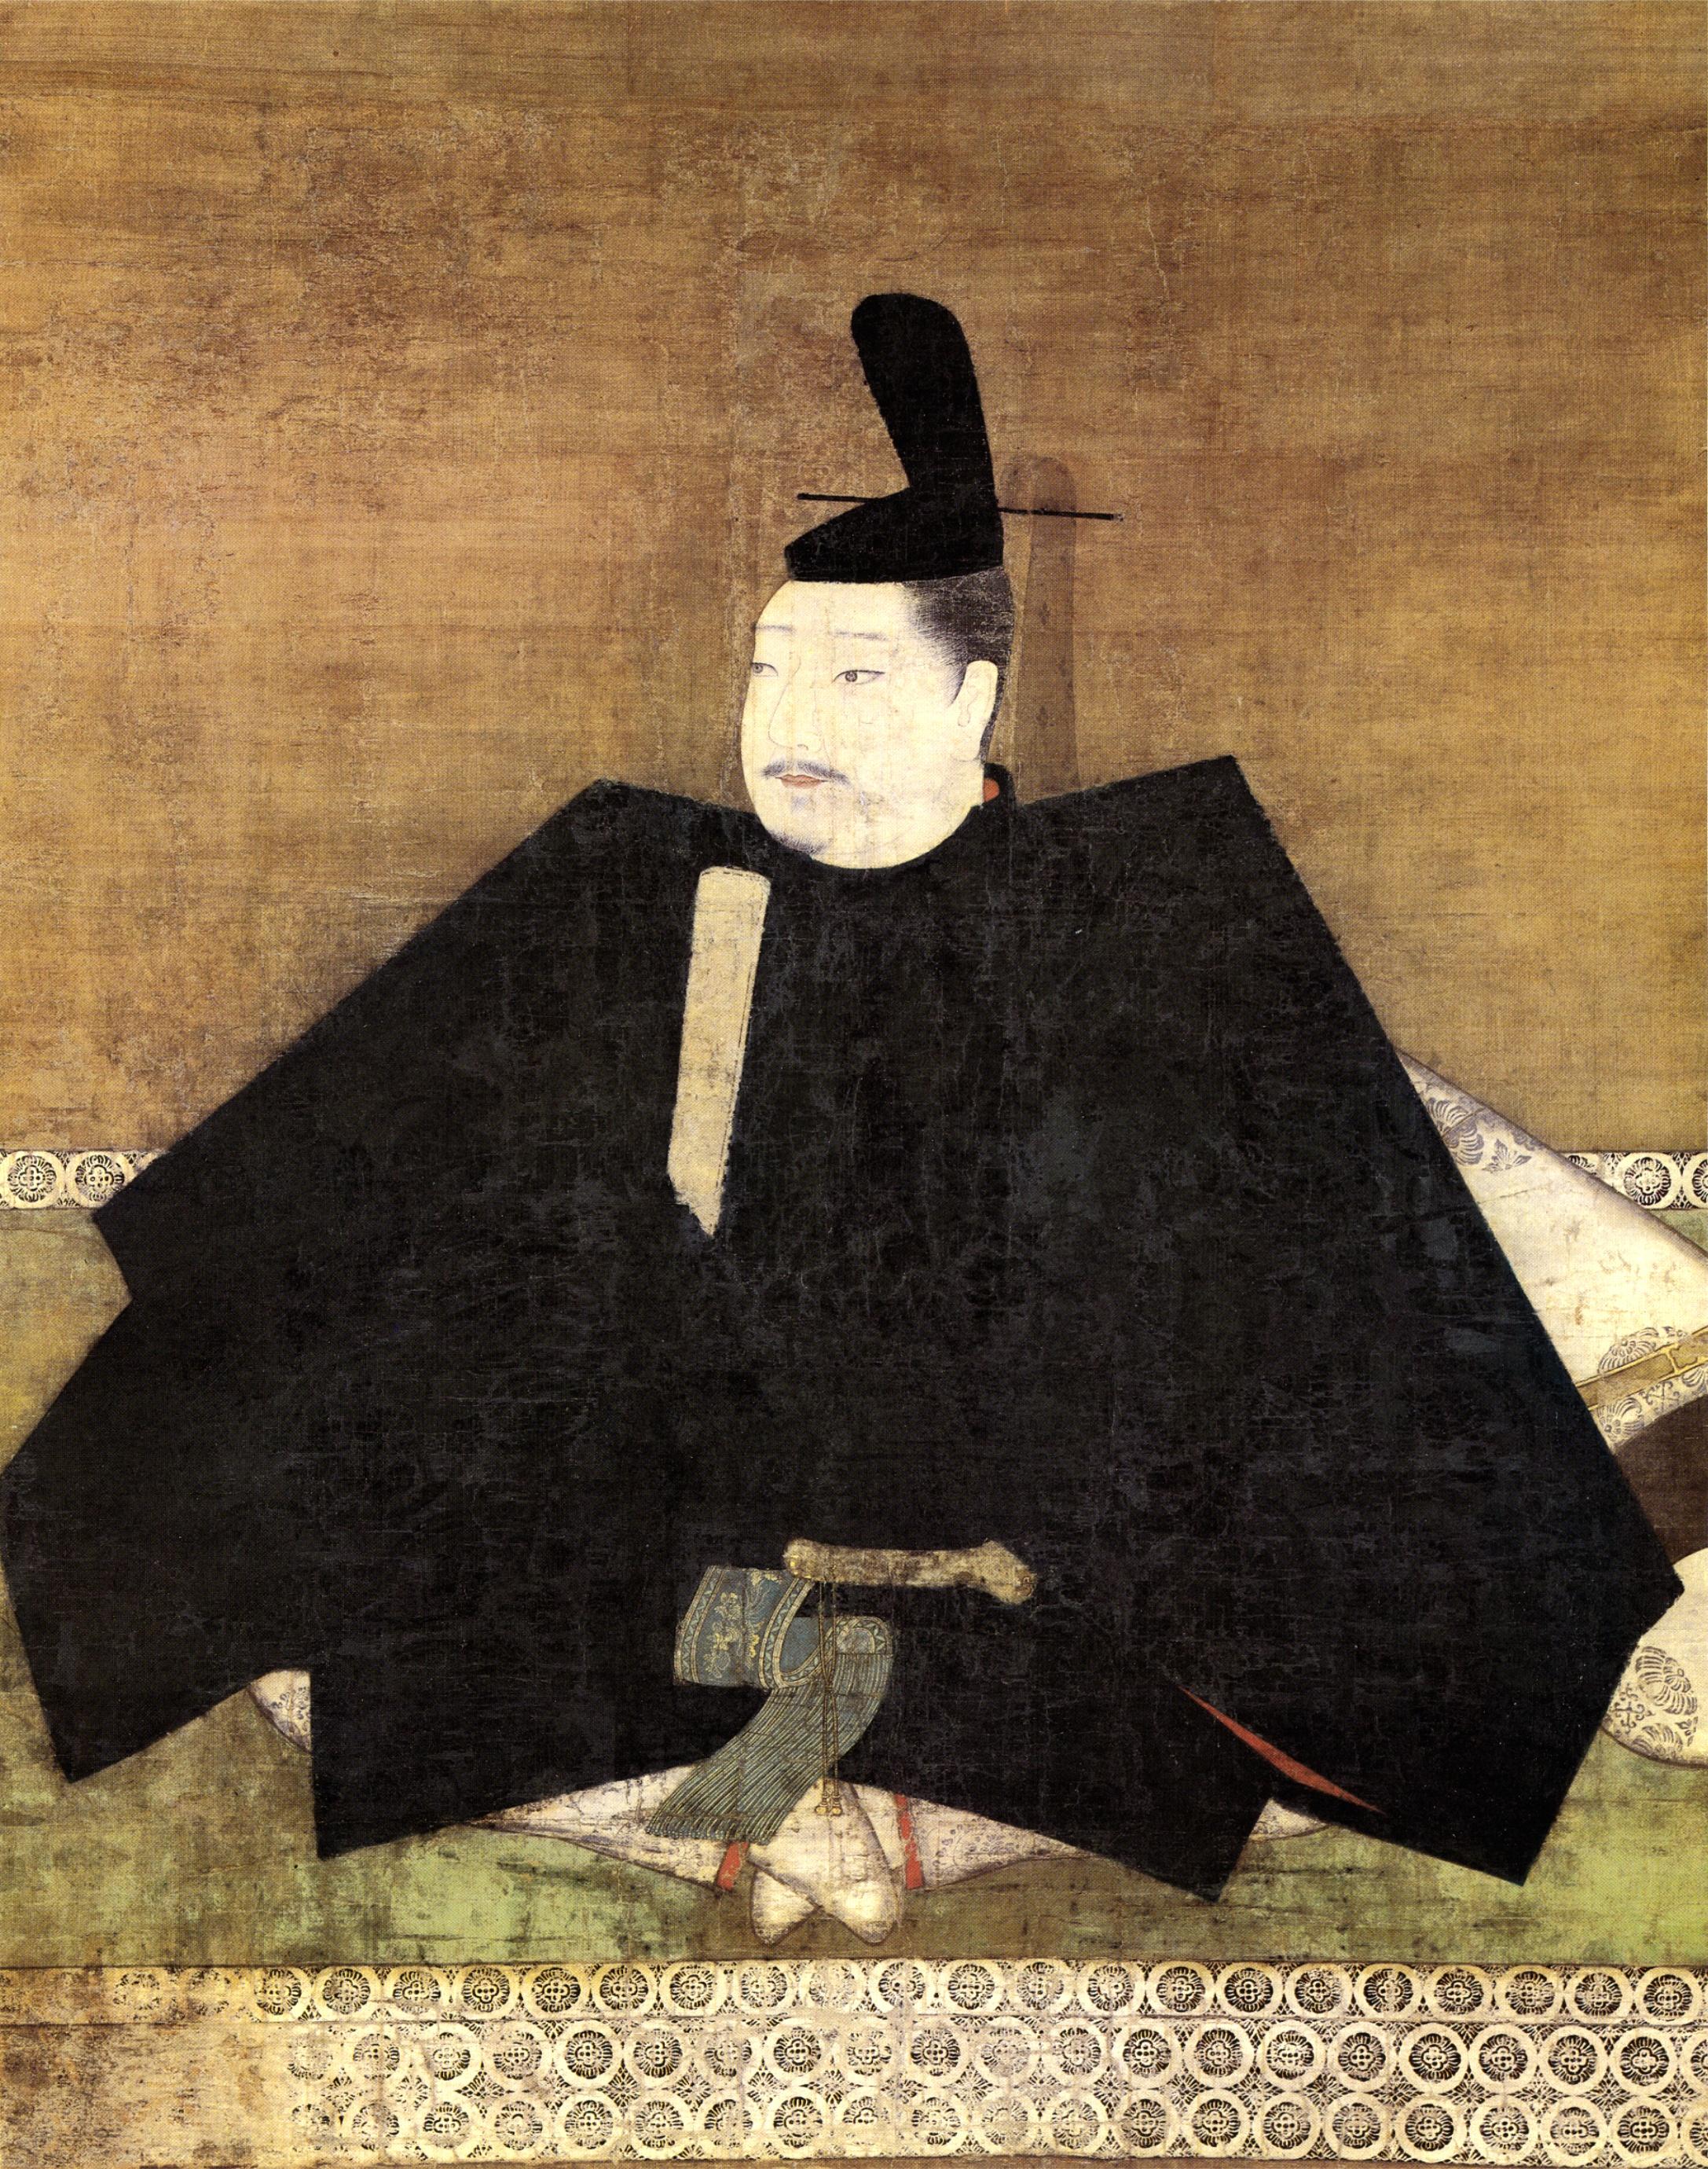 藤原光能 - Wikipedia